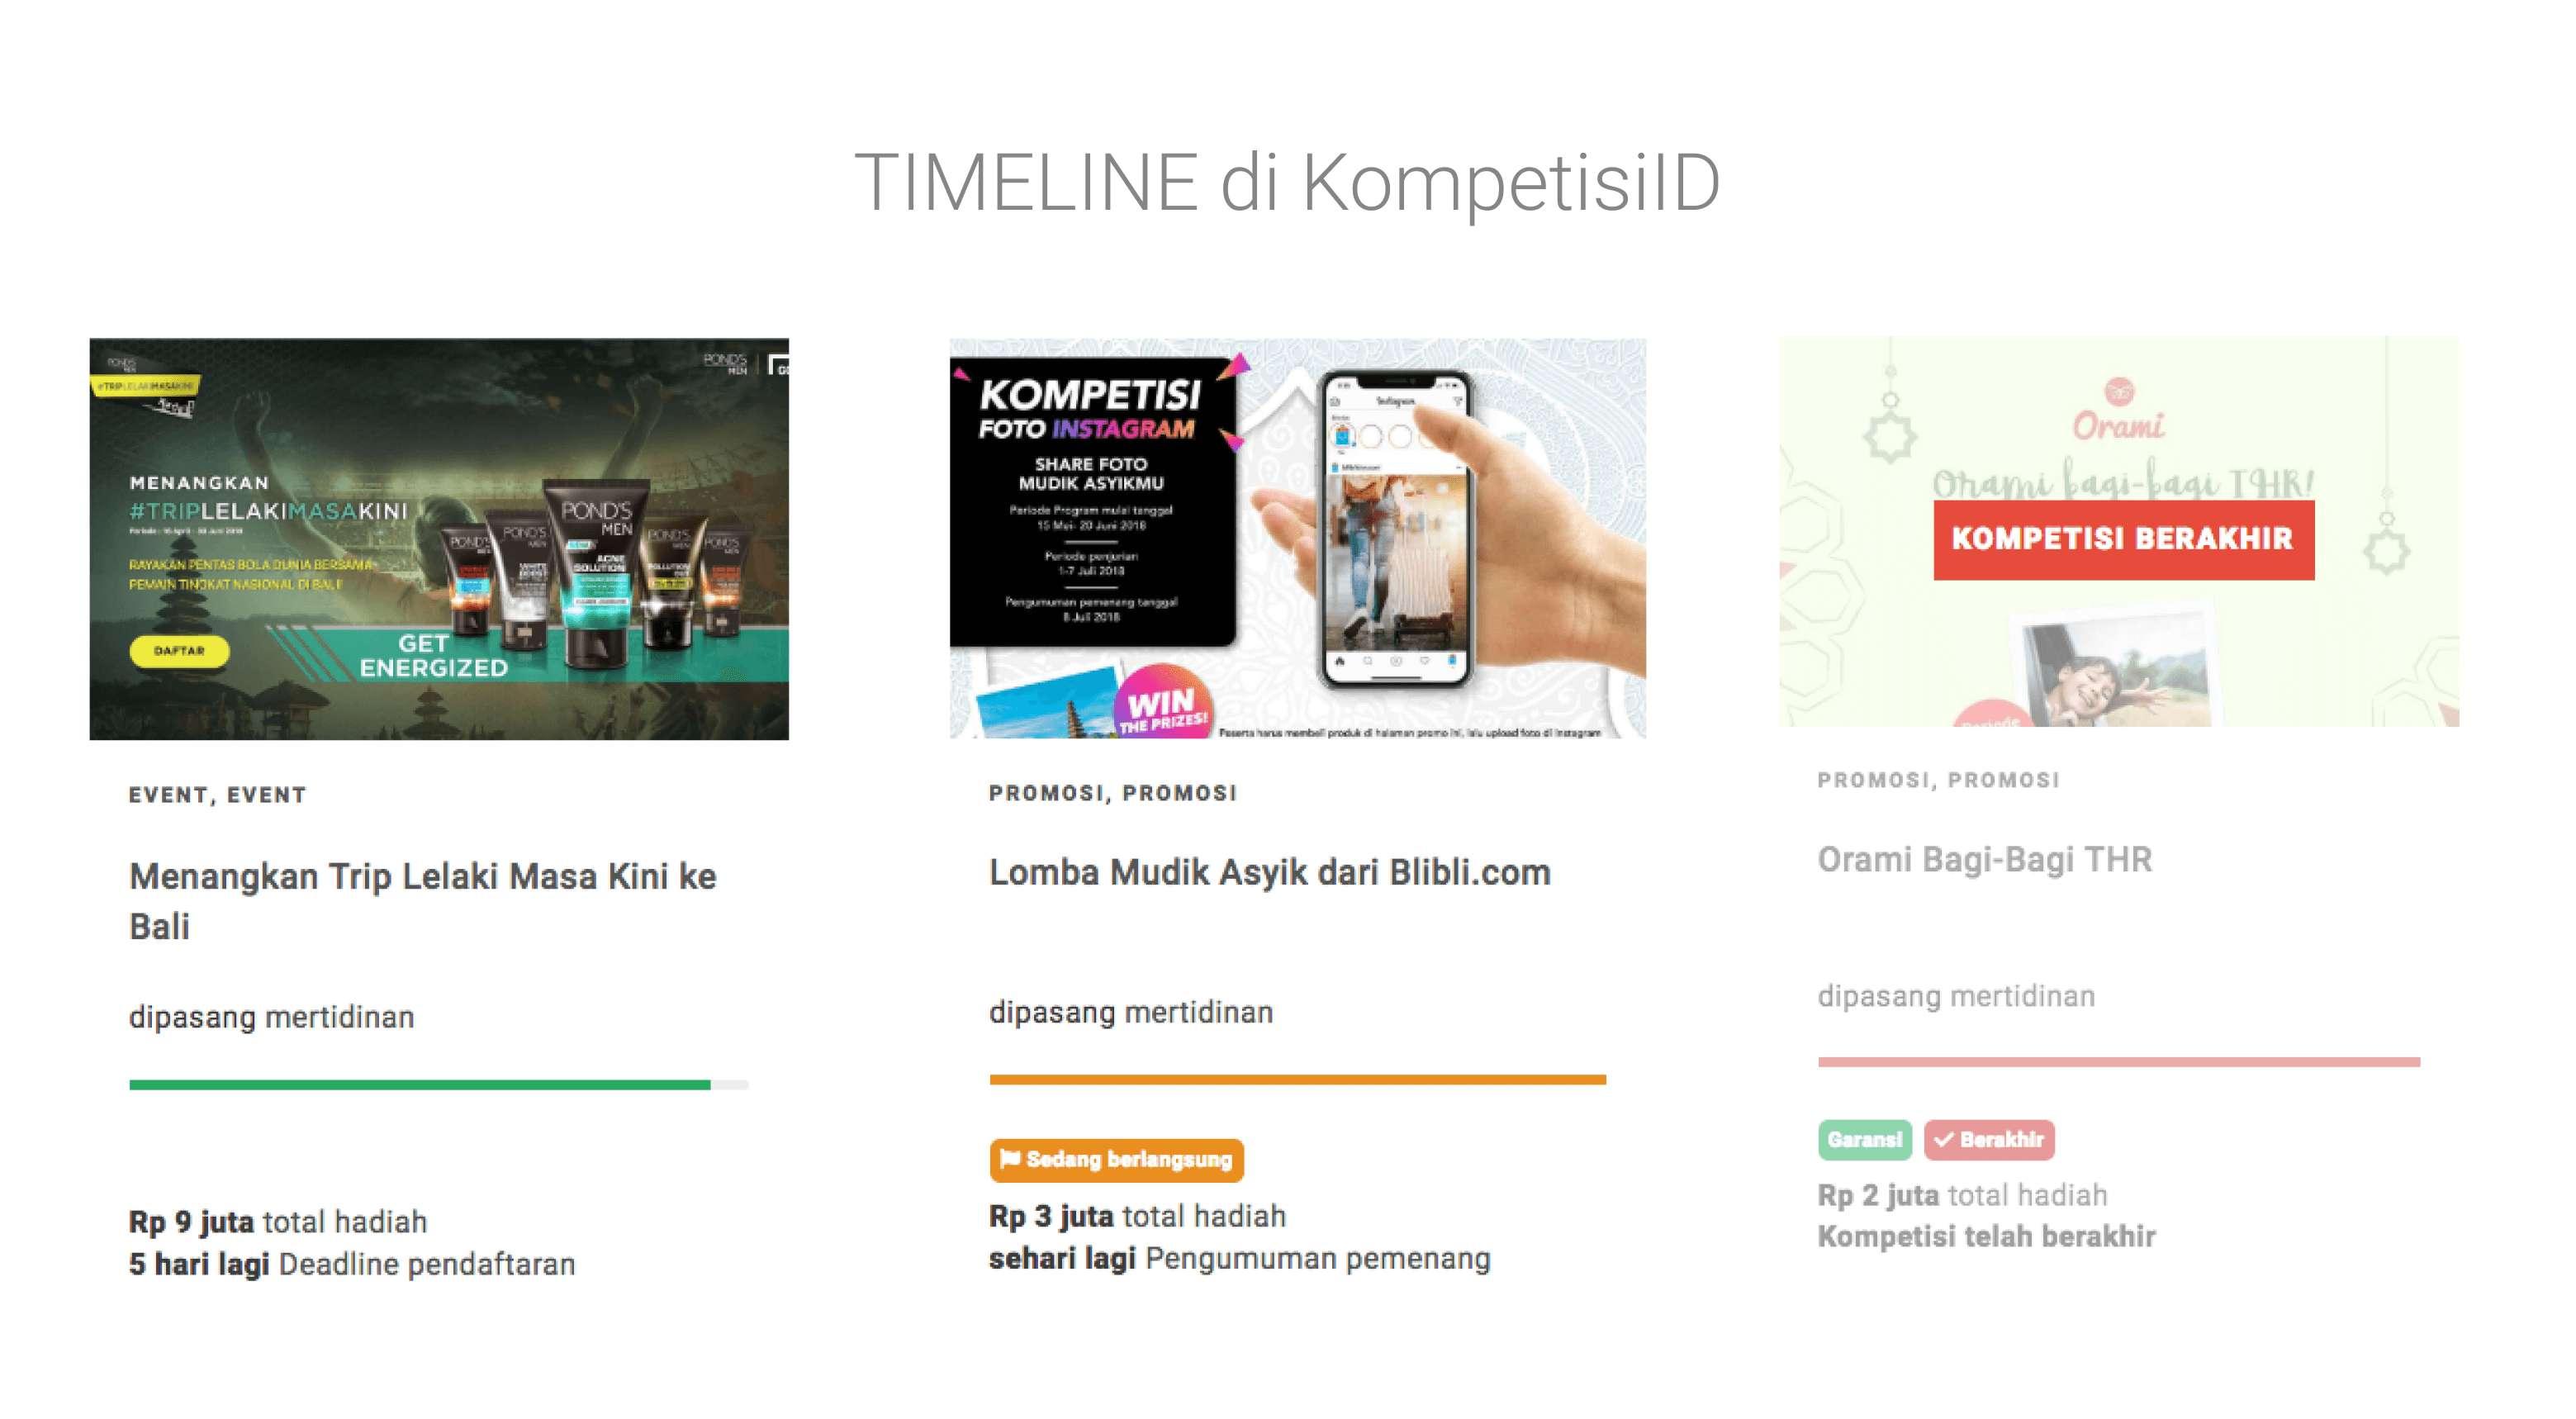 Macam-Macam Timeline Kompetisi di KompetisiID